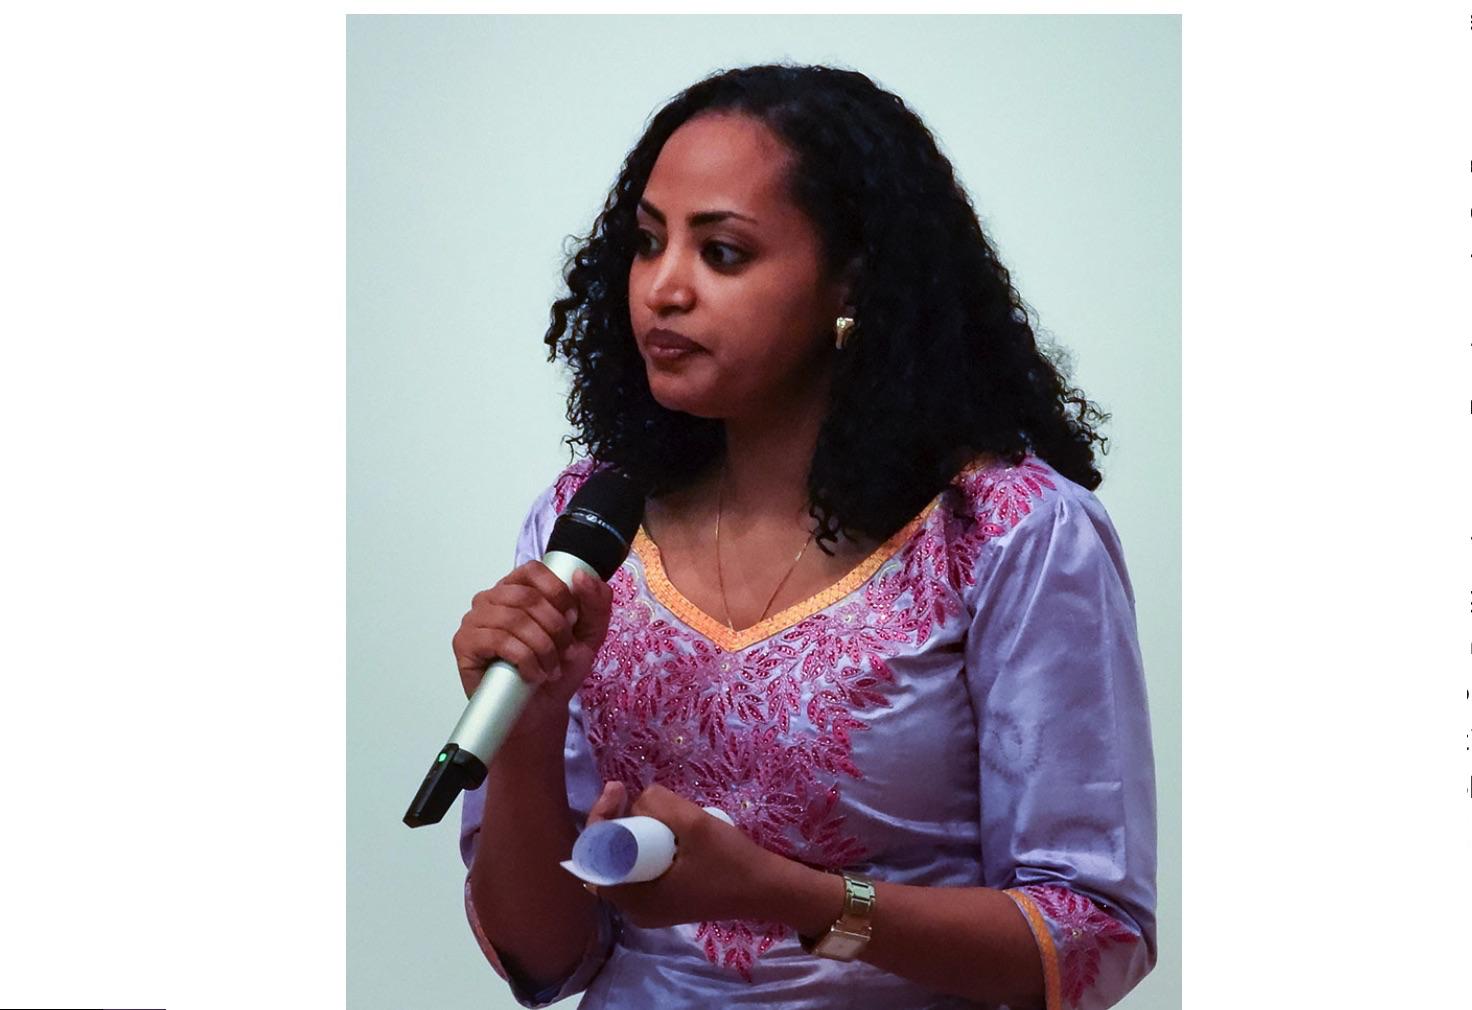 Fatima Al-Ansar Décline Sa Vision Tout en Lançant un « Appel Pressant » à Toutes les Organisations Maliennes Travaillant dans le Domaine de la Résolution des Conflits, de la Médiation et de la Prévention de l'extrémisme Violent «Unir Leurs Efforts»